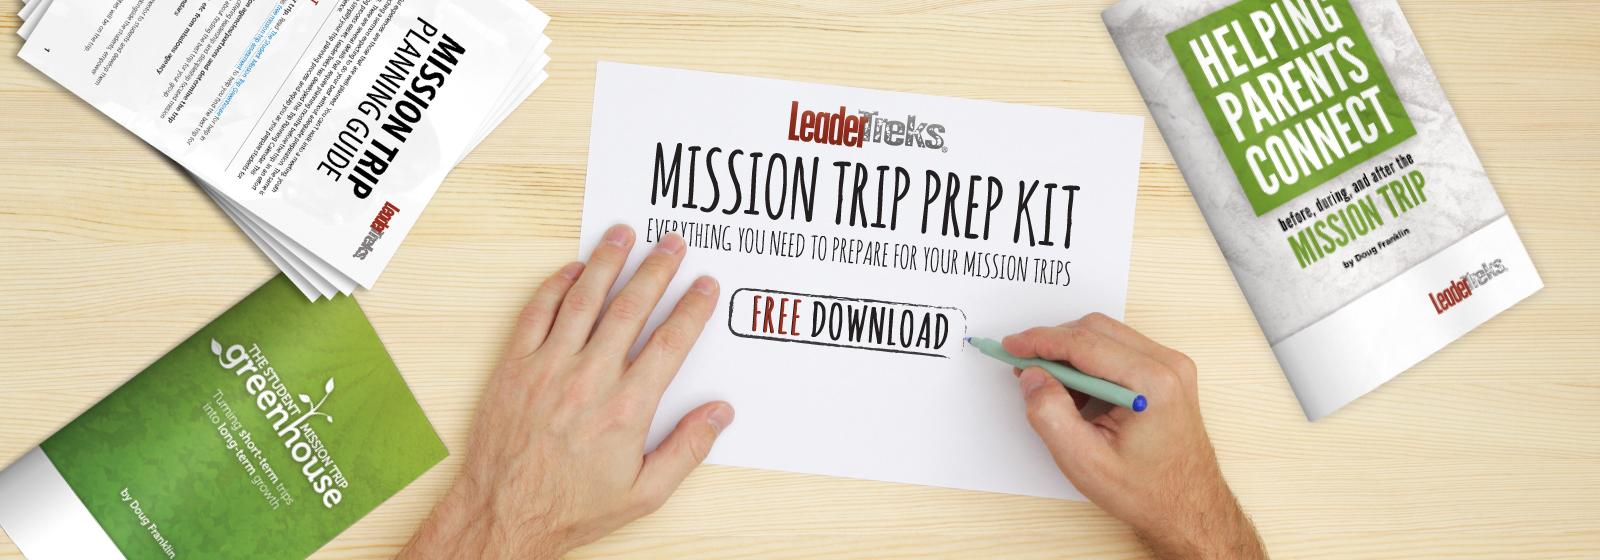 mission trip prep kit free download